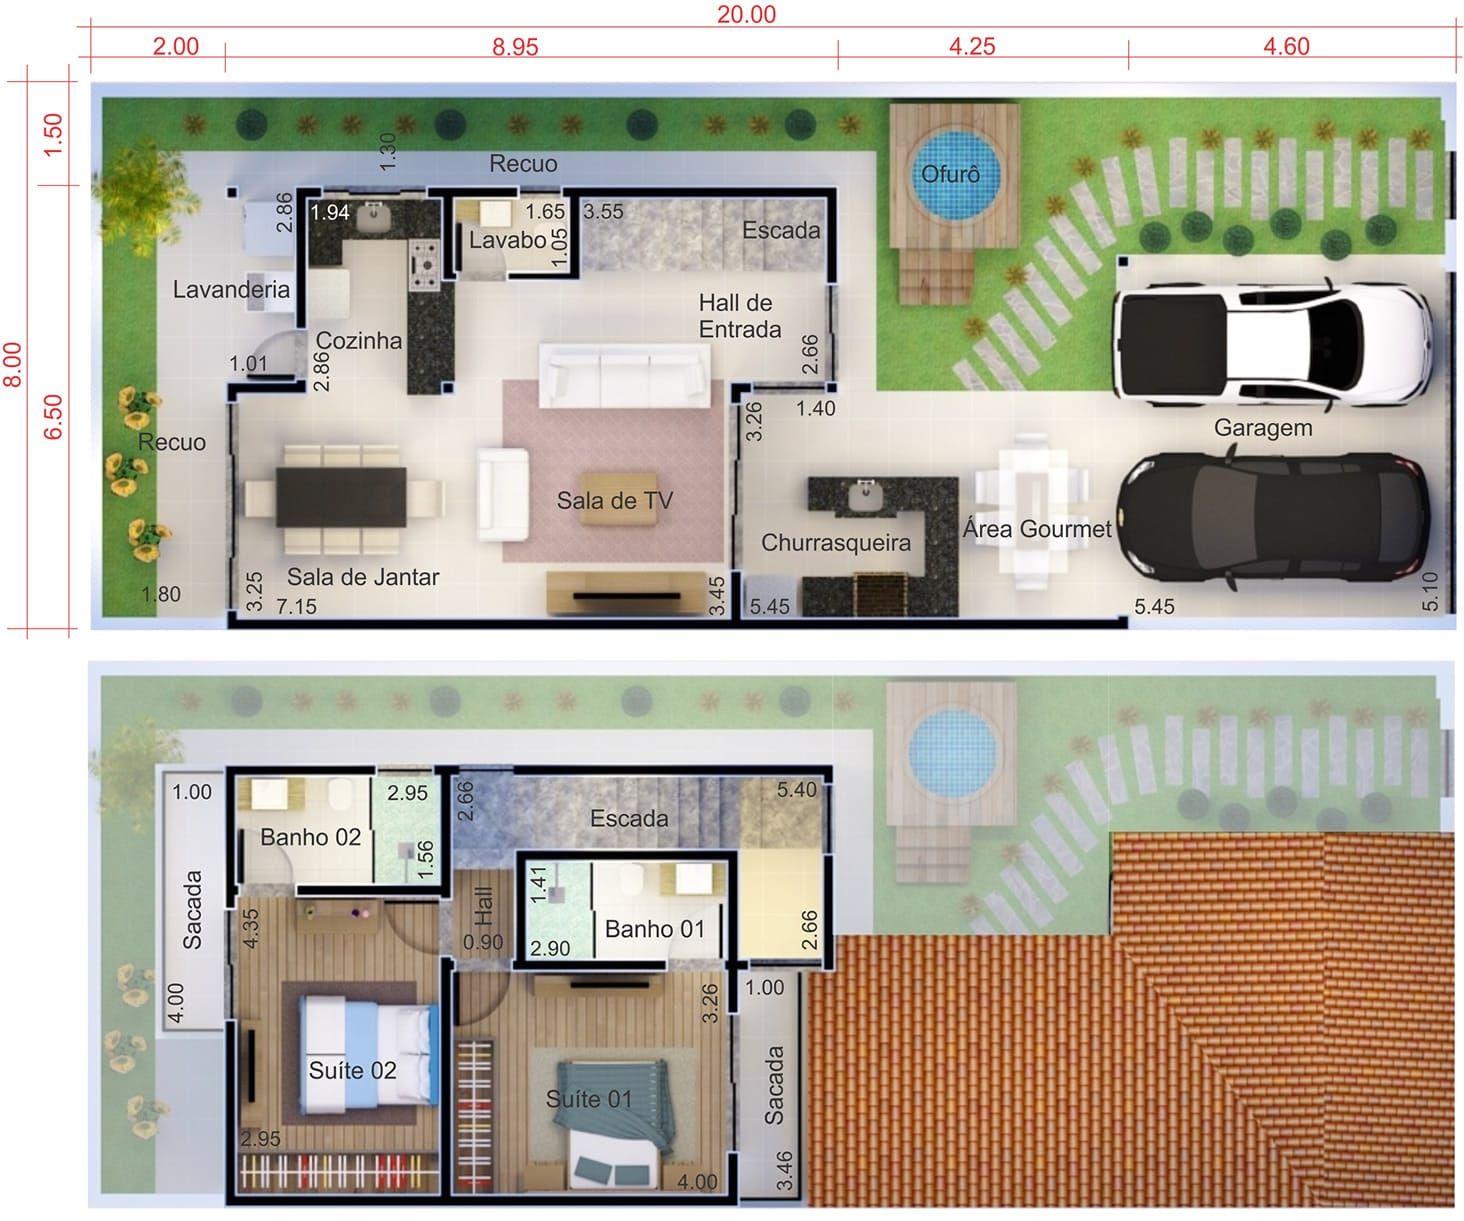 Plano De Casa Barato Plano Para Terreno 8x20 Planos De Casas Casas Casas De Una Planta